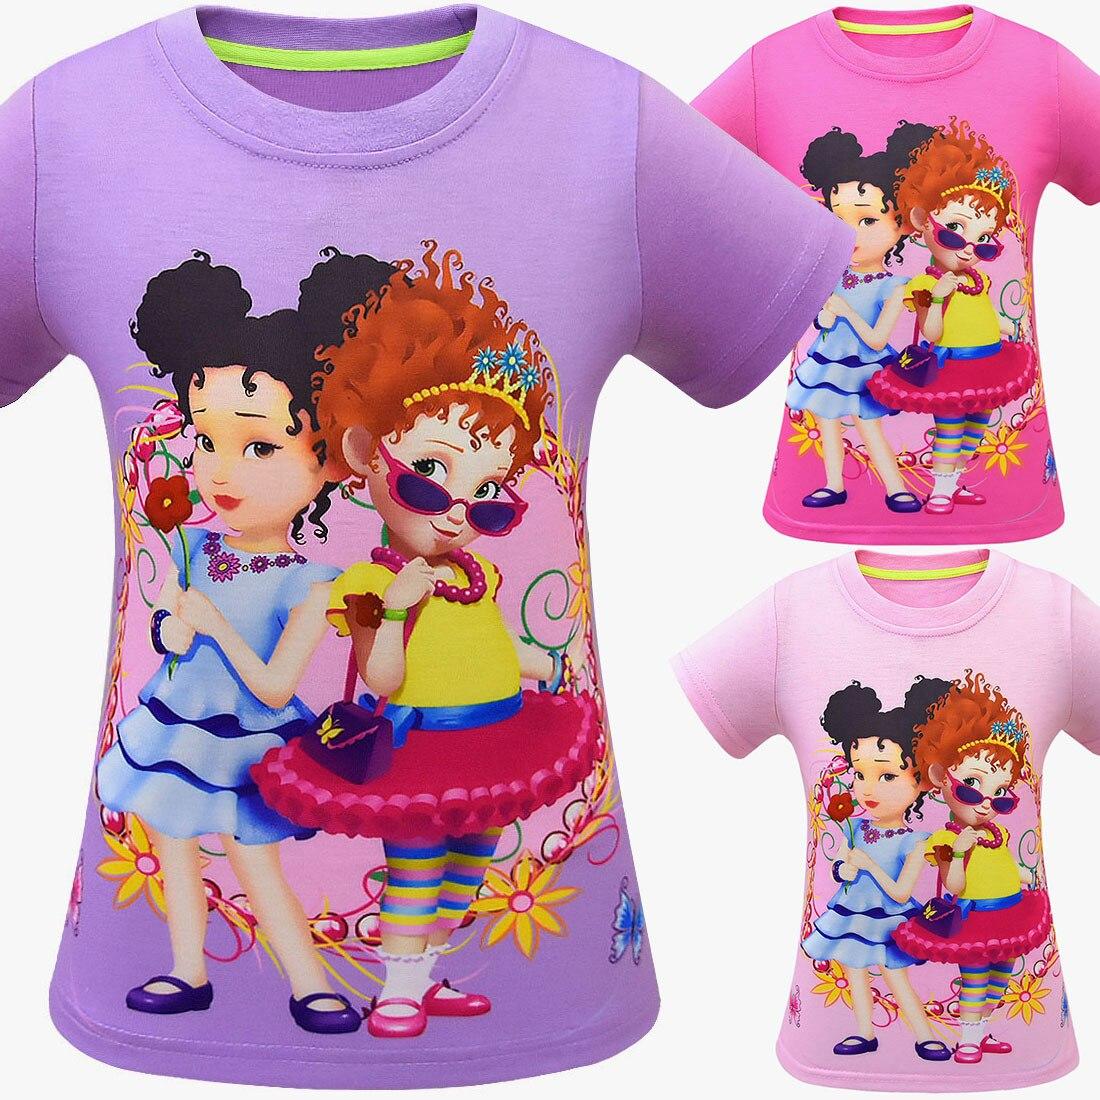 2019 Meninas Novas Do Bebê Verão fantasia nancy Camisa Dos Miúdos moana lol Roupas Menina T-shirt de Mangas Curtas T-shirt Roupas Top de Banda Desenhada tees